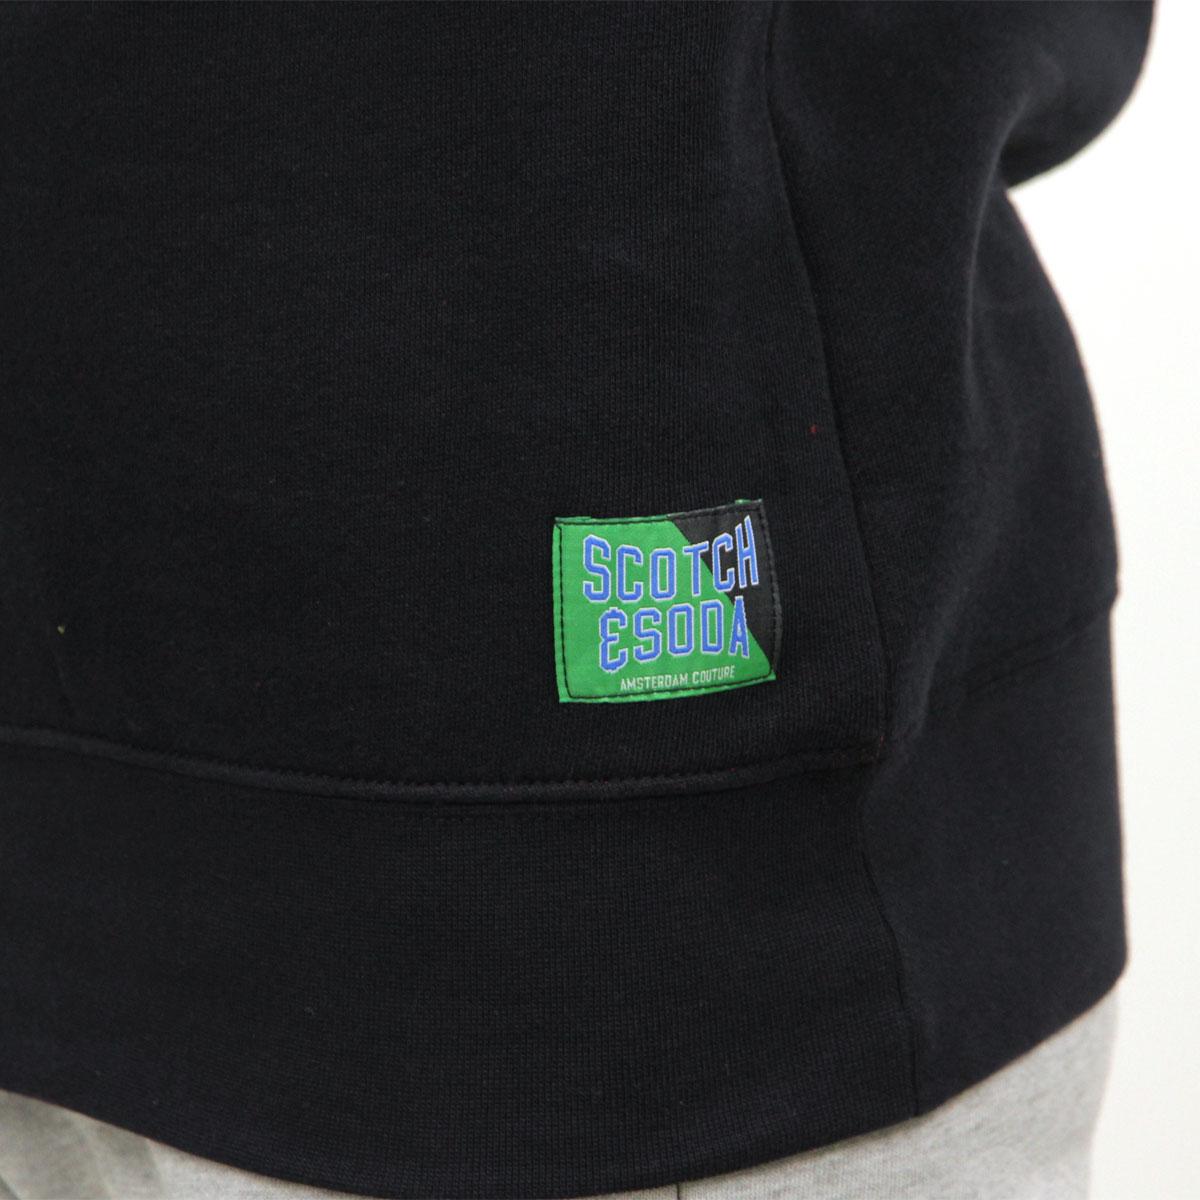 スコッチアンドソーダ パーカー メンズ 正規販売店 SCOTCH&SODA ジップアップパーカー CLASSIC HALF-ZIP HOODY NIGHT 152216 83808 08 A39B B1C C1D D5E E06F